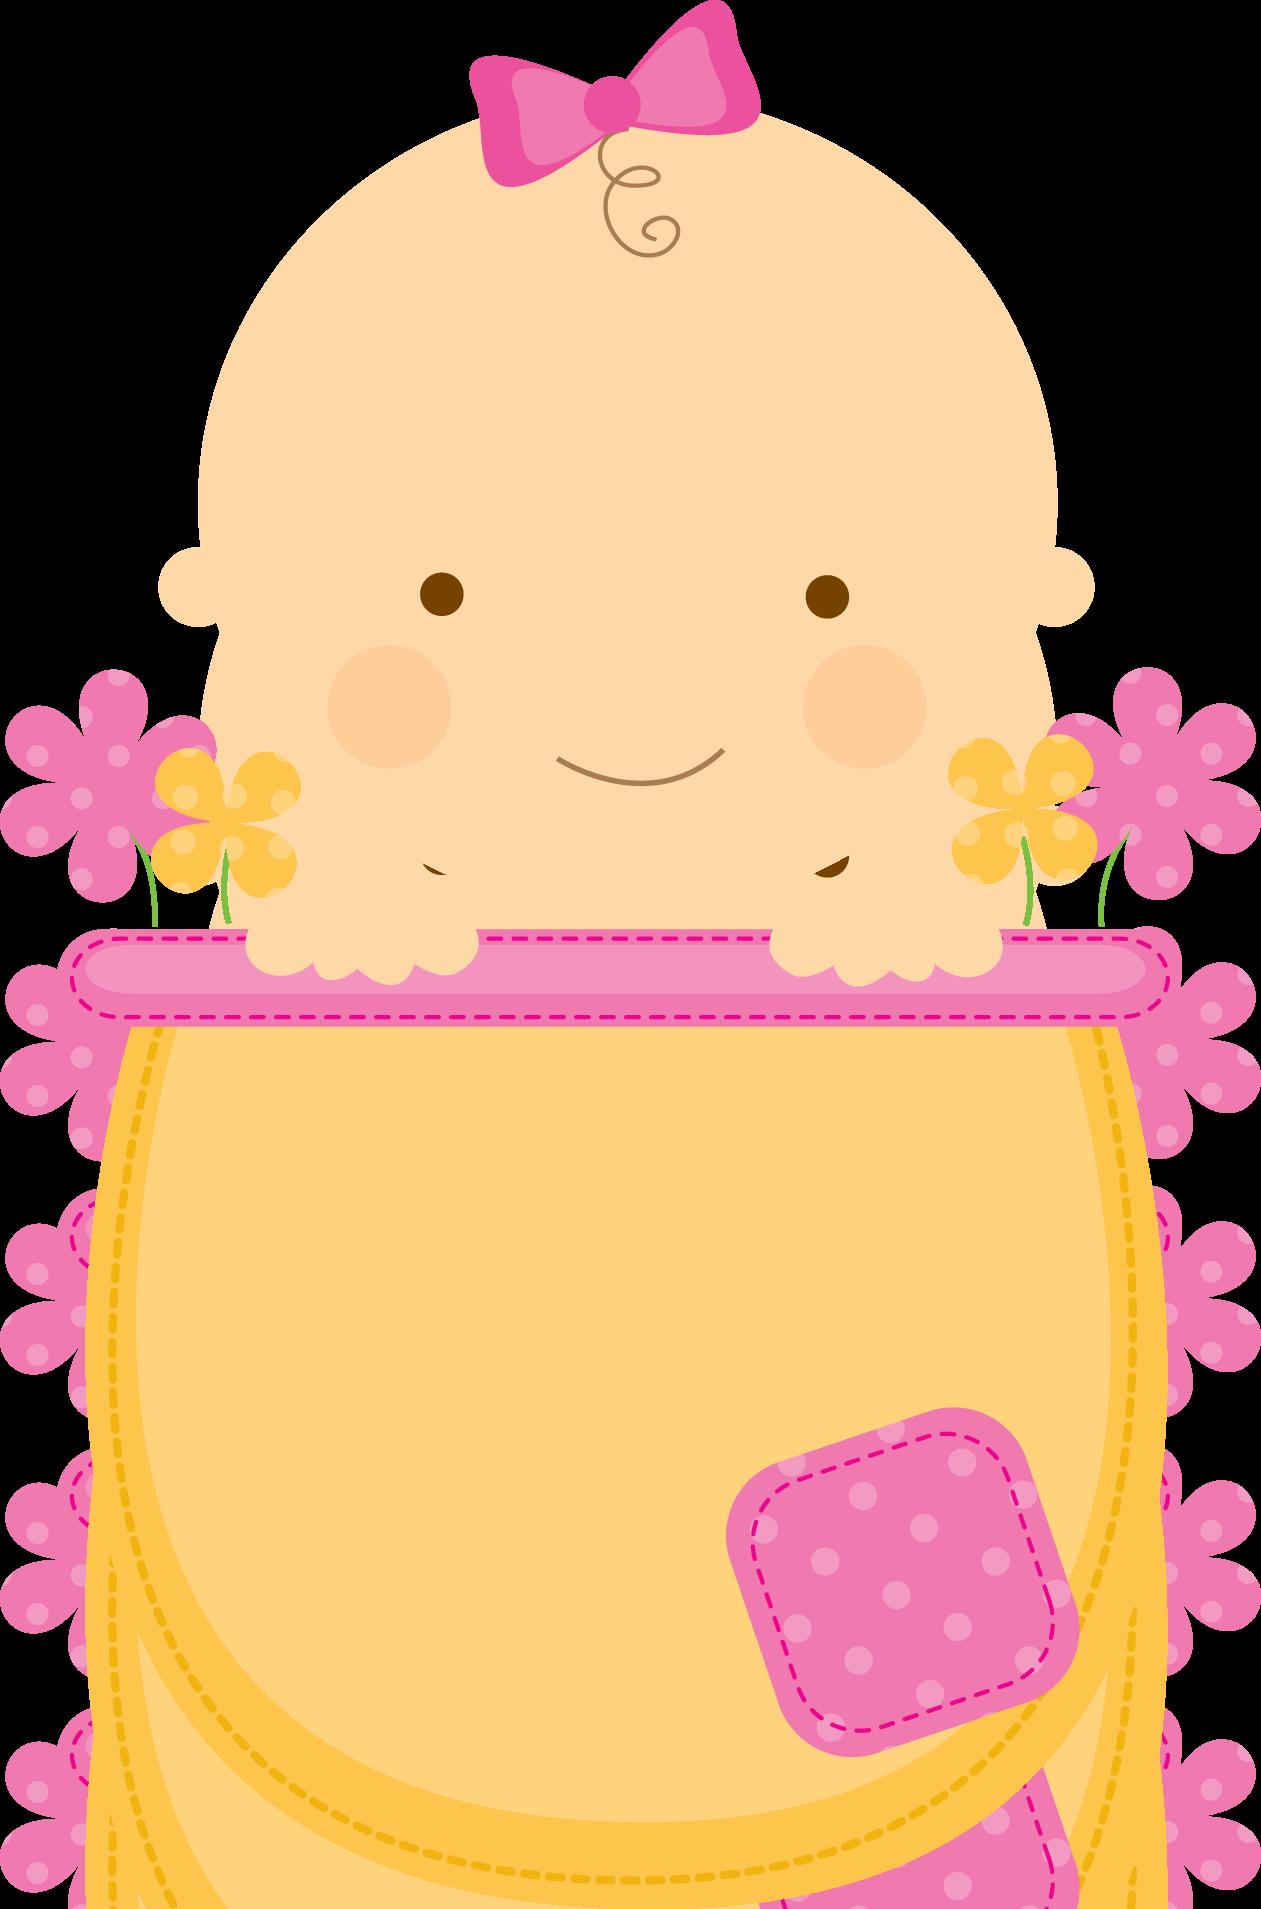 Clipart frame baby shower. Flowerpot babies babyinflowerpot pink